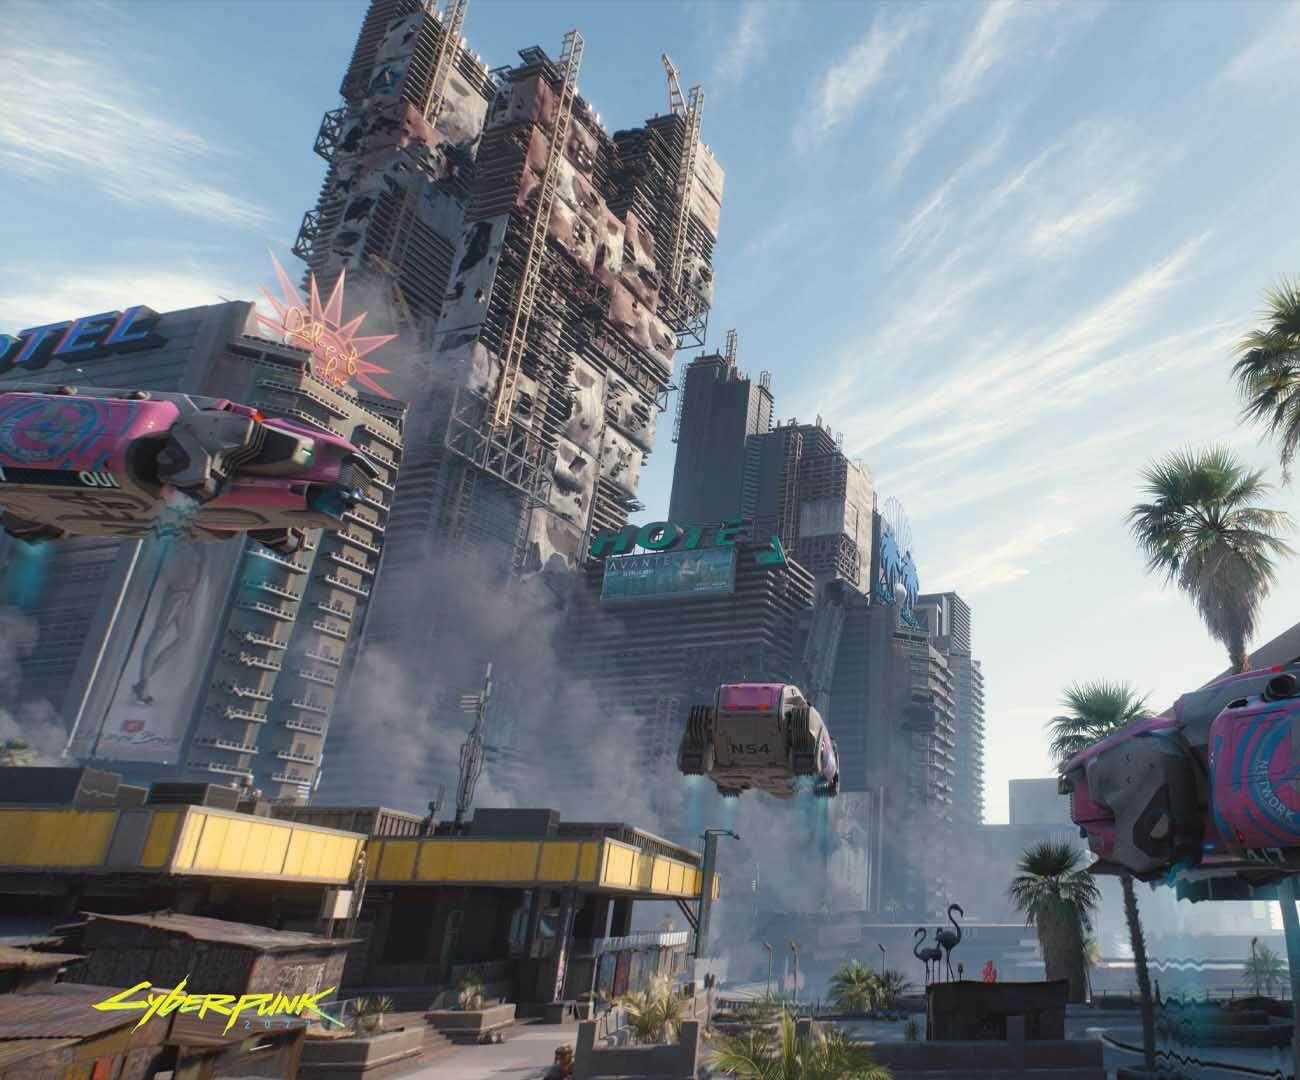 Wspinaczka po wieżowcach w Cyberpunk 2077. Tylko REDzi mogli coś takiego zrobić